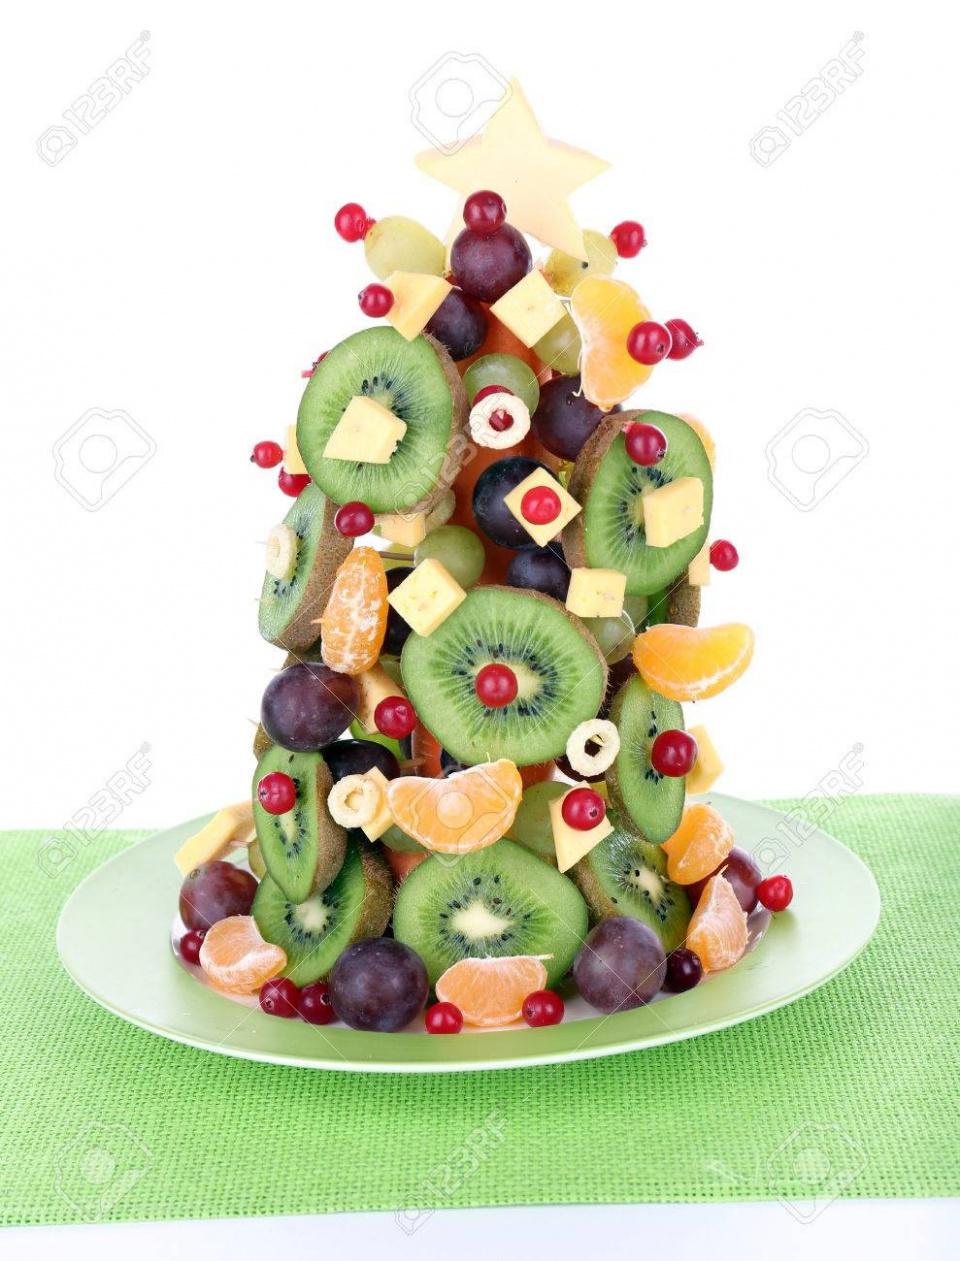 fruit week 511 meloen voor 10 leerlingen1 appel per leerling1 zak waspeen voor 5 leerlingeneet smakelijk